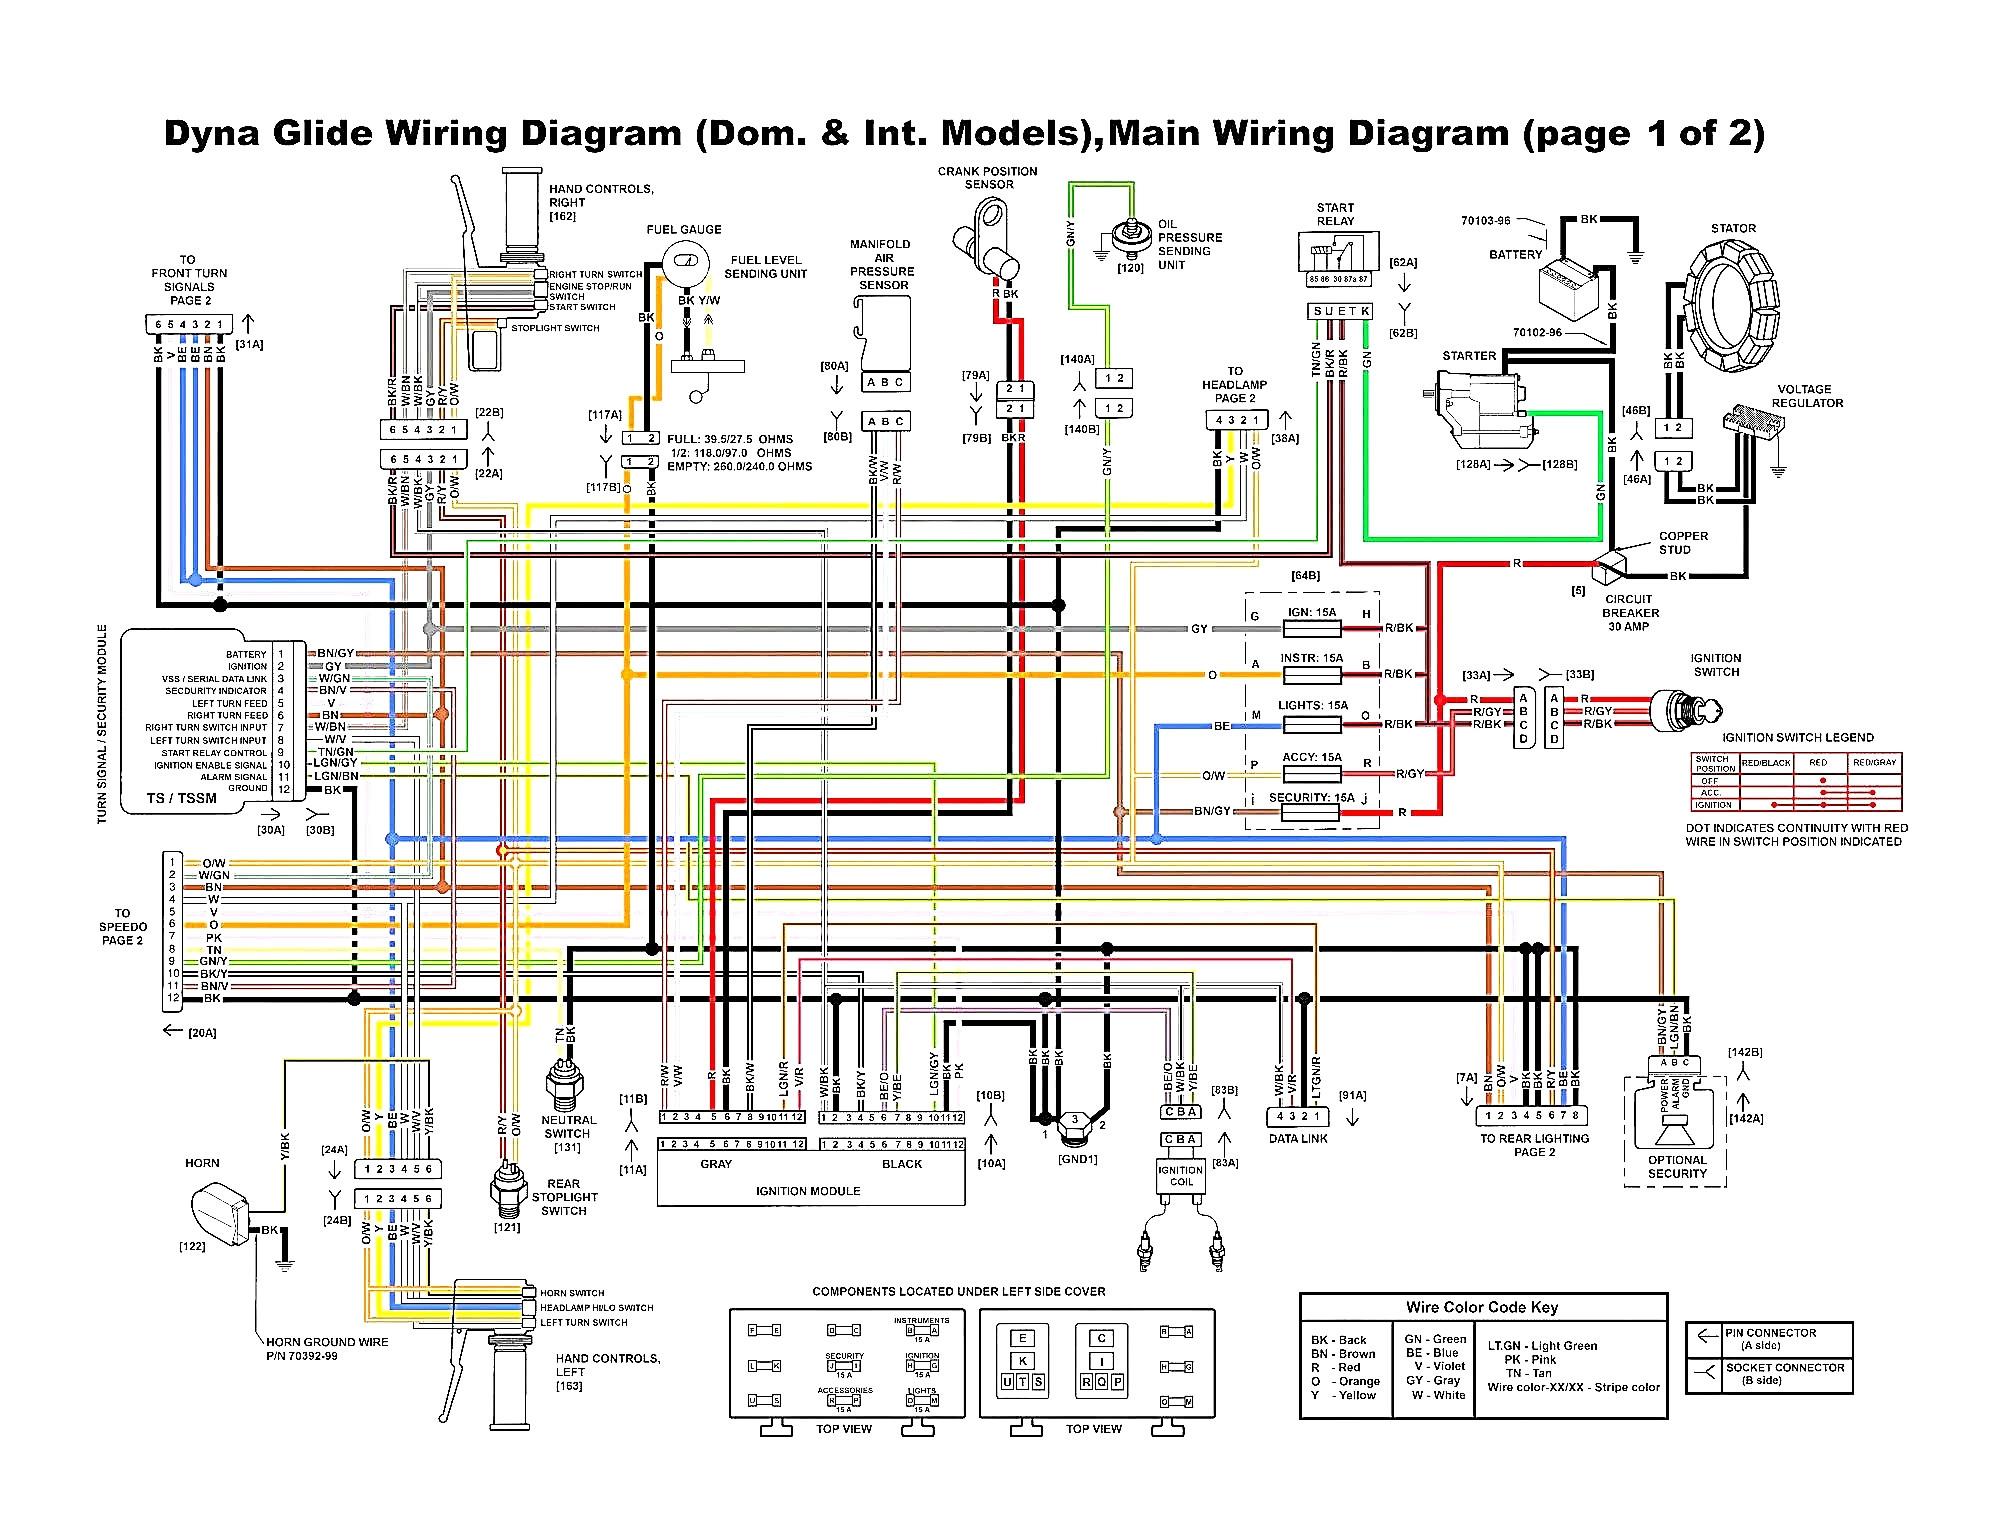 2002 Flh Harley Davidson Wiring Schematic Wiring Diagram For Harley Davidson Softail Free Wiring